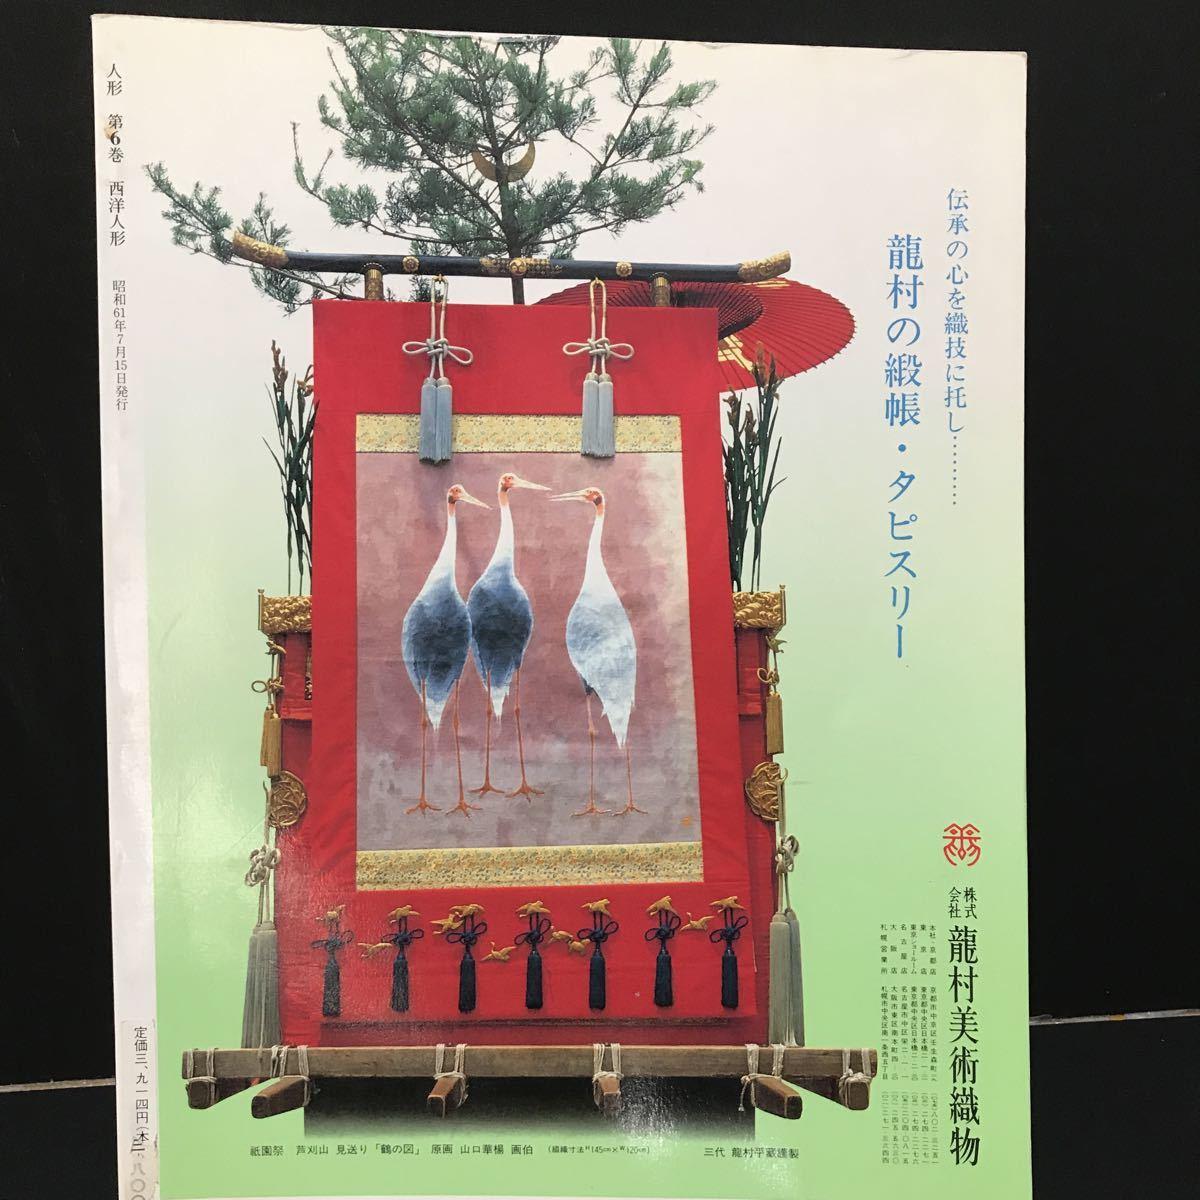 ビスクドール 書籍 人形 昭和61年発行 美品_画像6